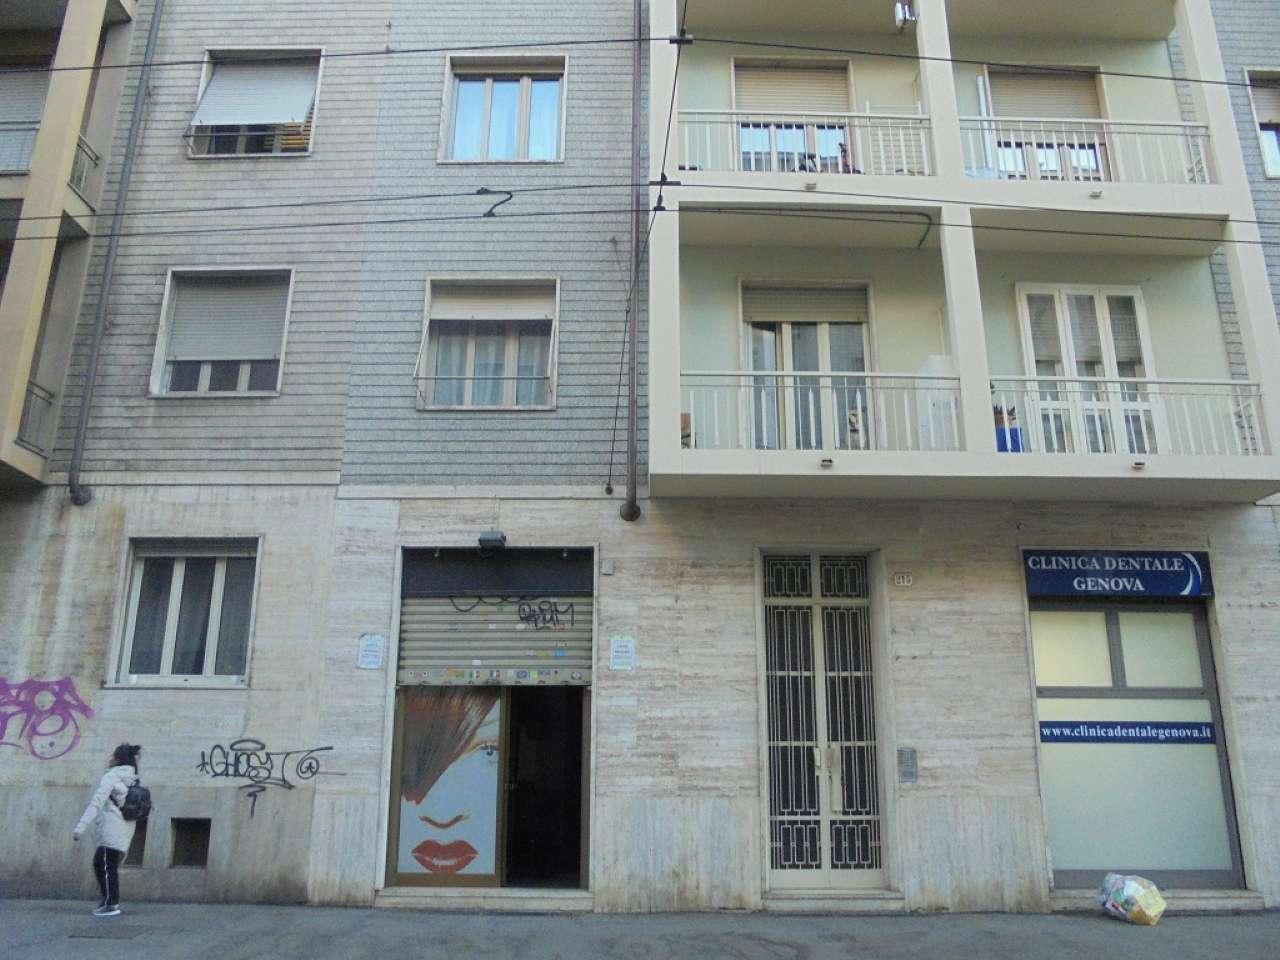 Negozio / Locale in affitto a Torino, 1 locali, zona Lingotto, prezzo € 480 | PortaleAgenzieImmobiliari.it